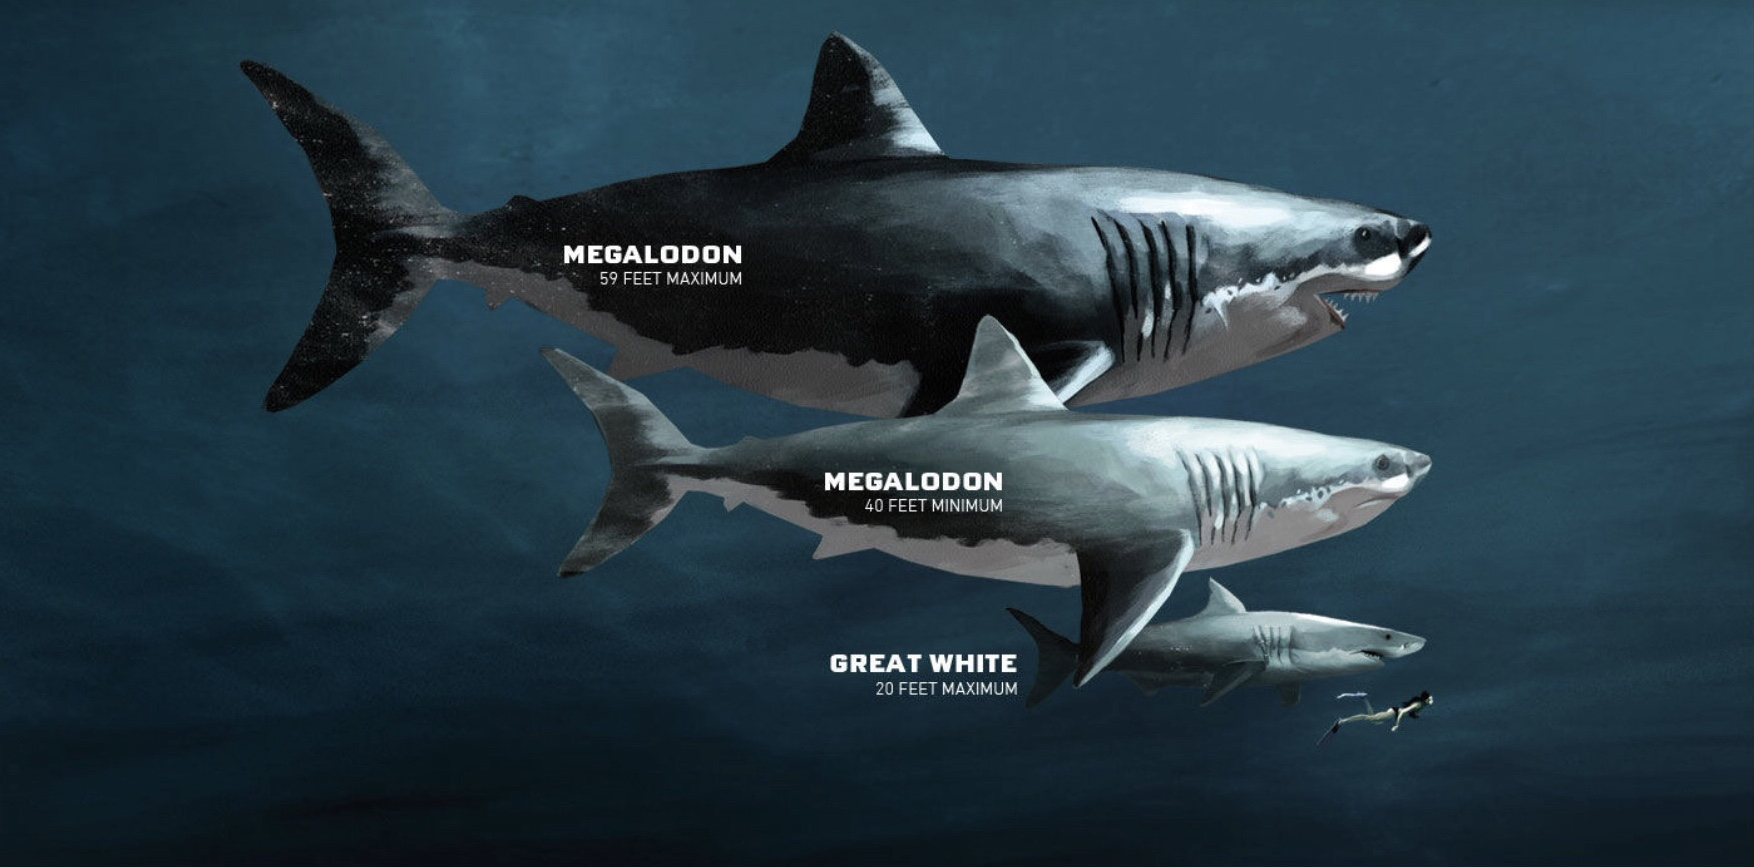 cuanto mide el megalodon